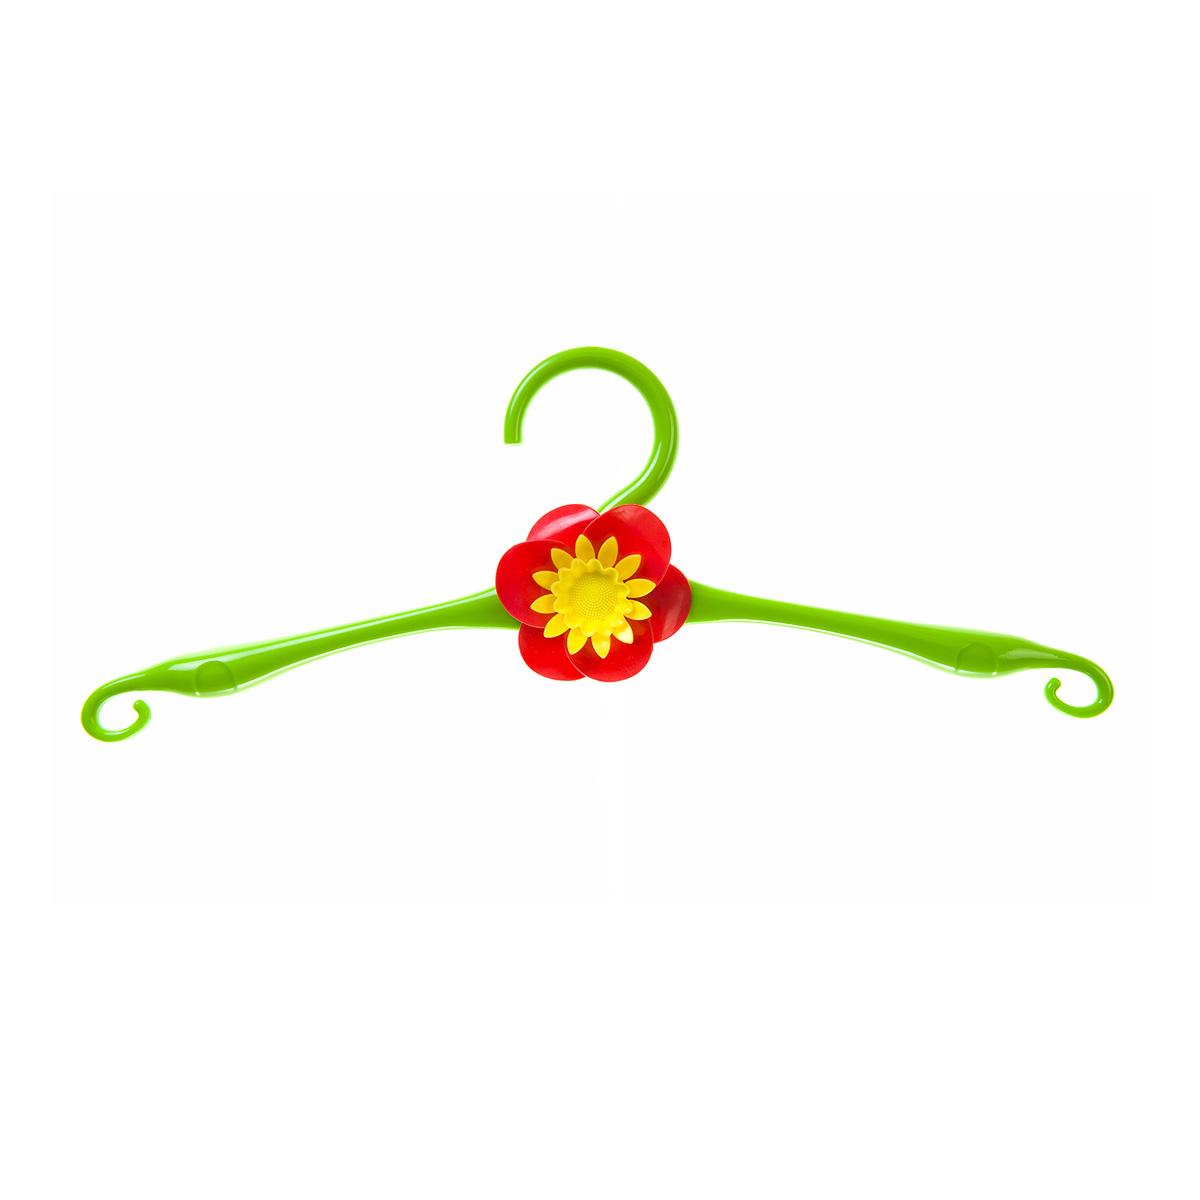 Вешалка HomeQueen, пластиковая, цвет: зеленый, длина 41 см ricom вешалка для одежды ricom а2501 mpftwqd